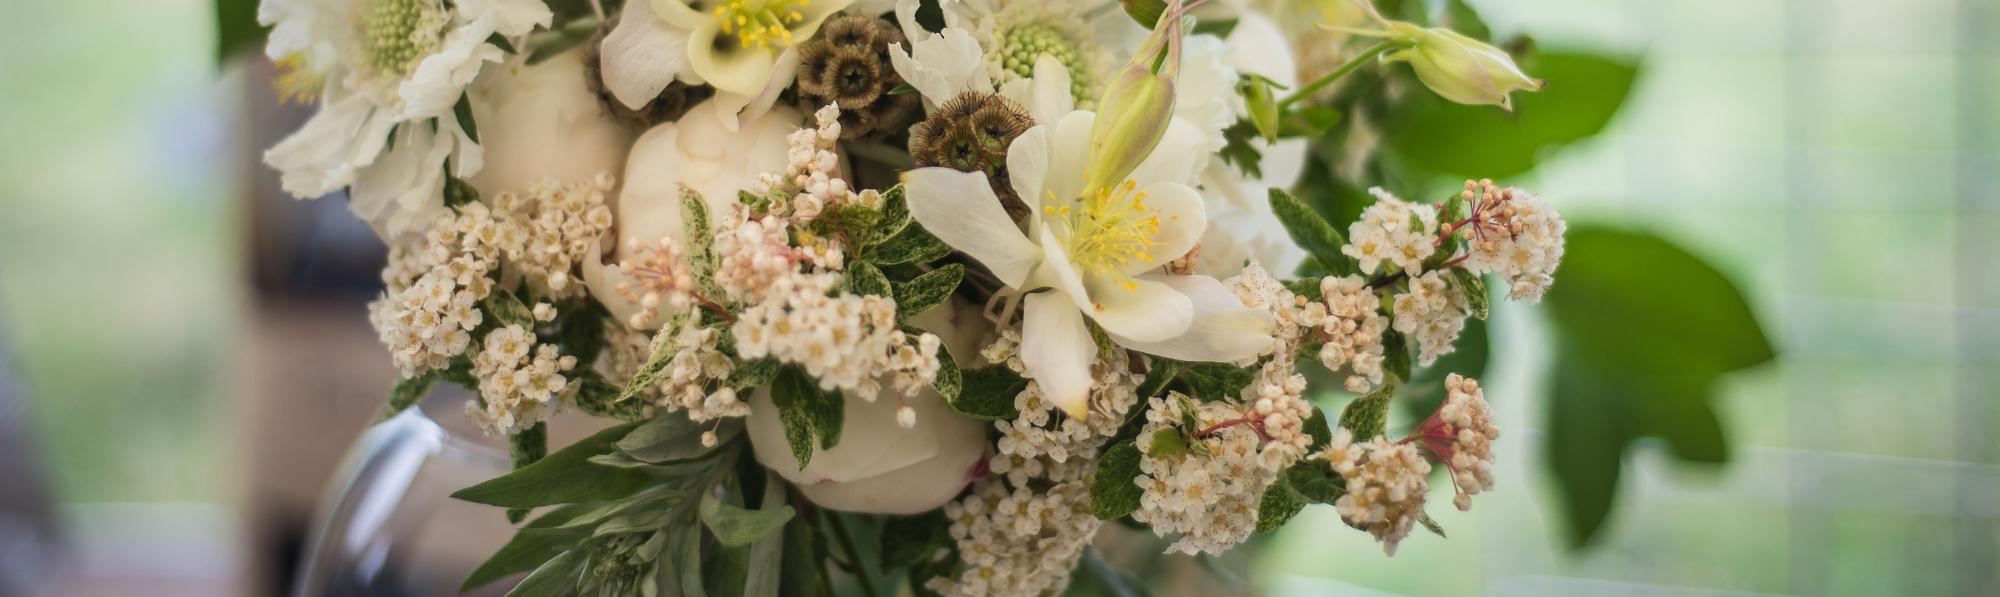 Great Betley Farmhouse Photo credits:photographybybond.co.uk Flowers: amandajaneflowers.co.uk